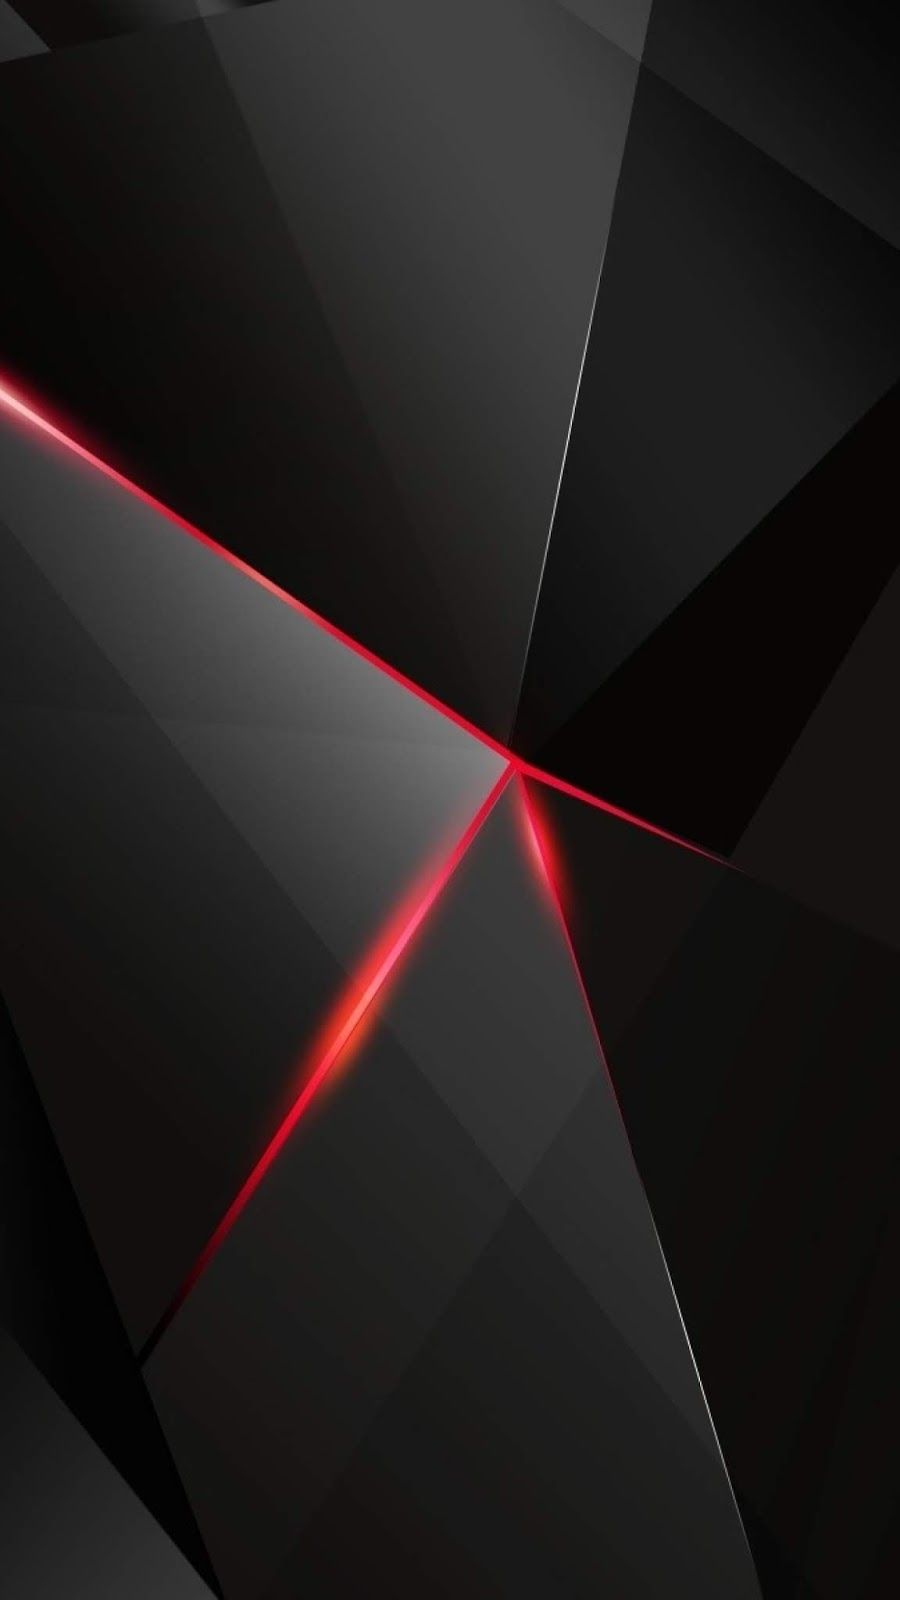 Best Wallpapers Hd Black Black Wallpaper Hd Cool Wallpapers Android Wallpaper Black